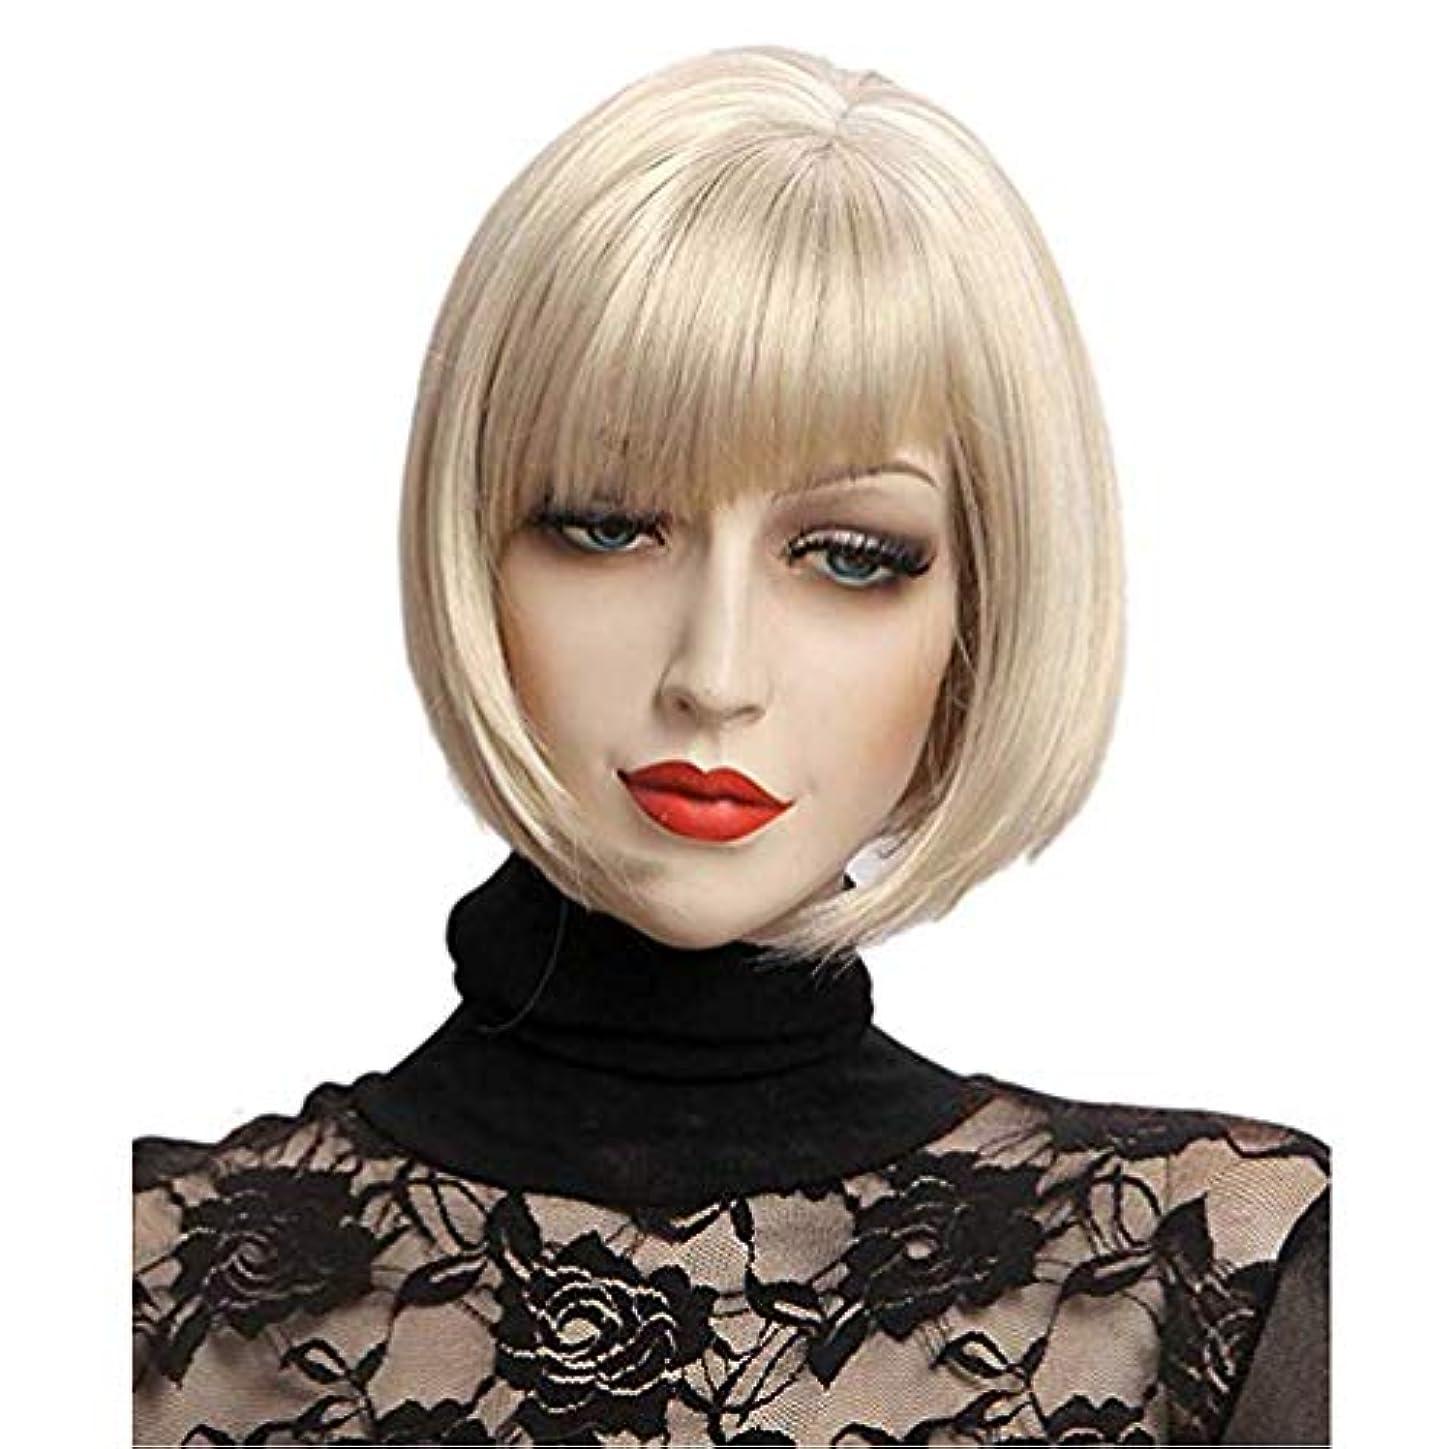 望みコード文明化する女性合成ボブショートウィッグカラー耐熱コスプレパーティーヘアウィッグ30cm